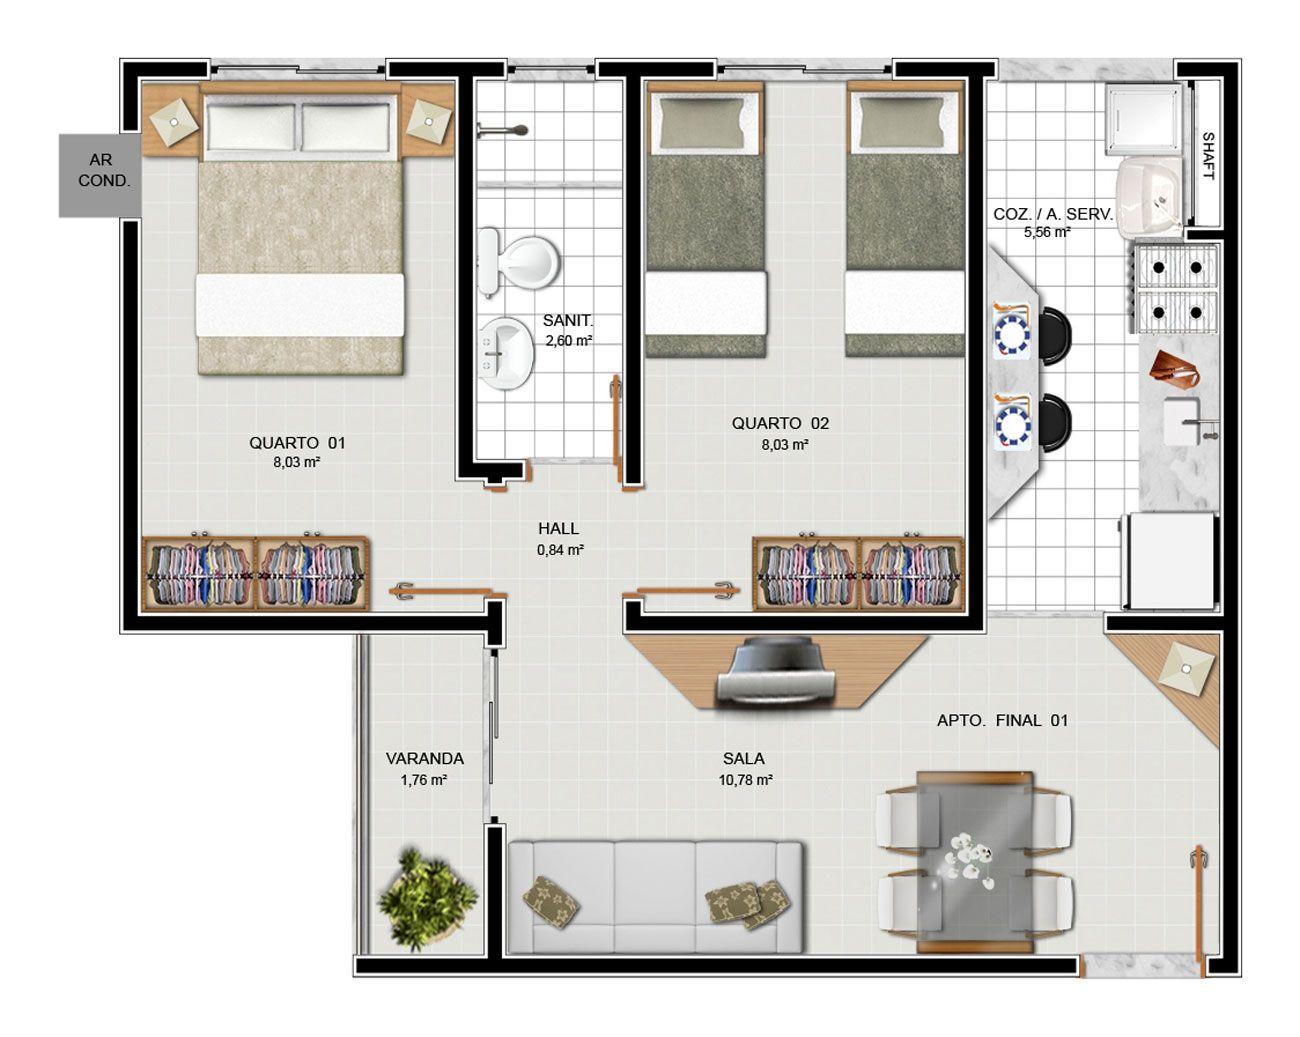 35 Modelos De Planta Baixa Para Minha Casa Minha Vida Minha Casa